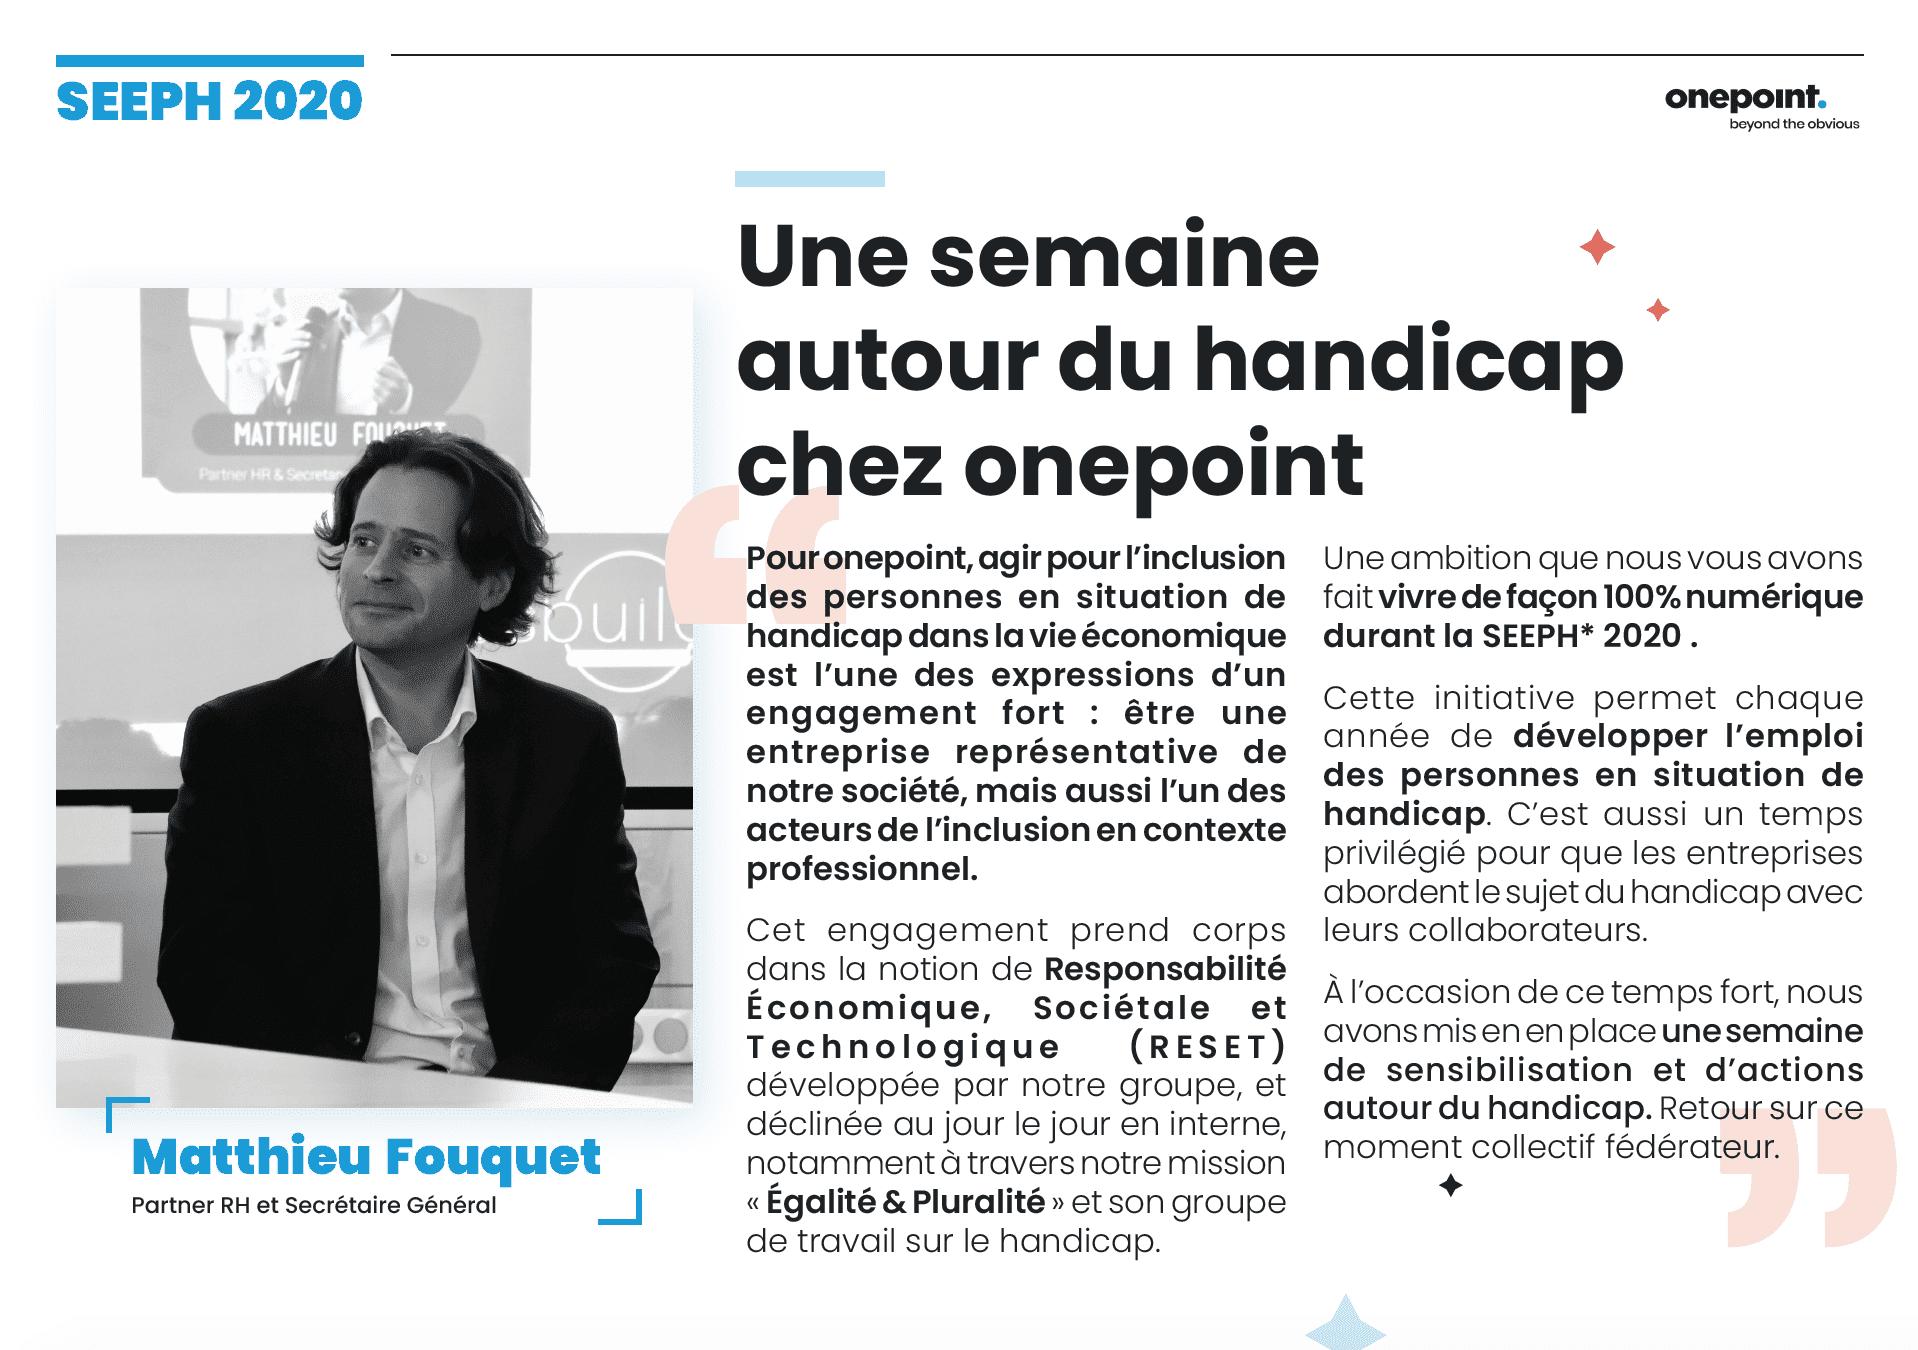 édito de Mathieu Fouquet, partner RH de onepoint, dans un journal interne sur le handicap